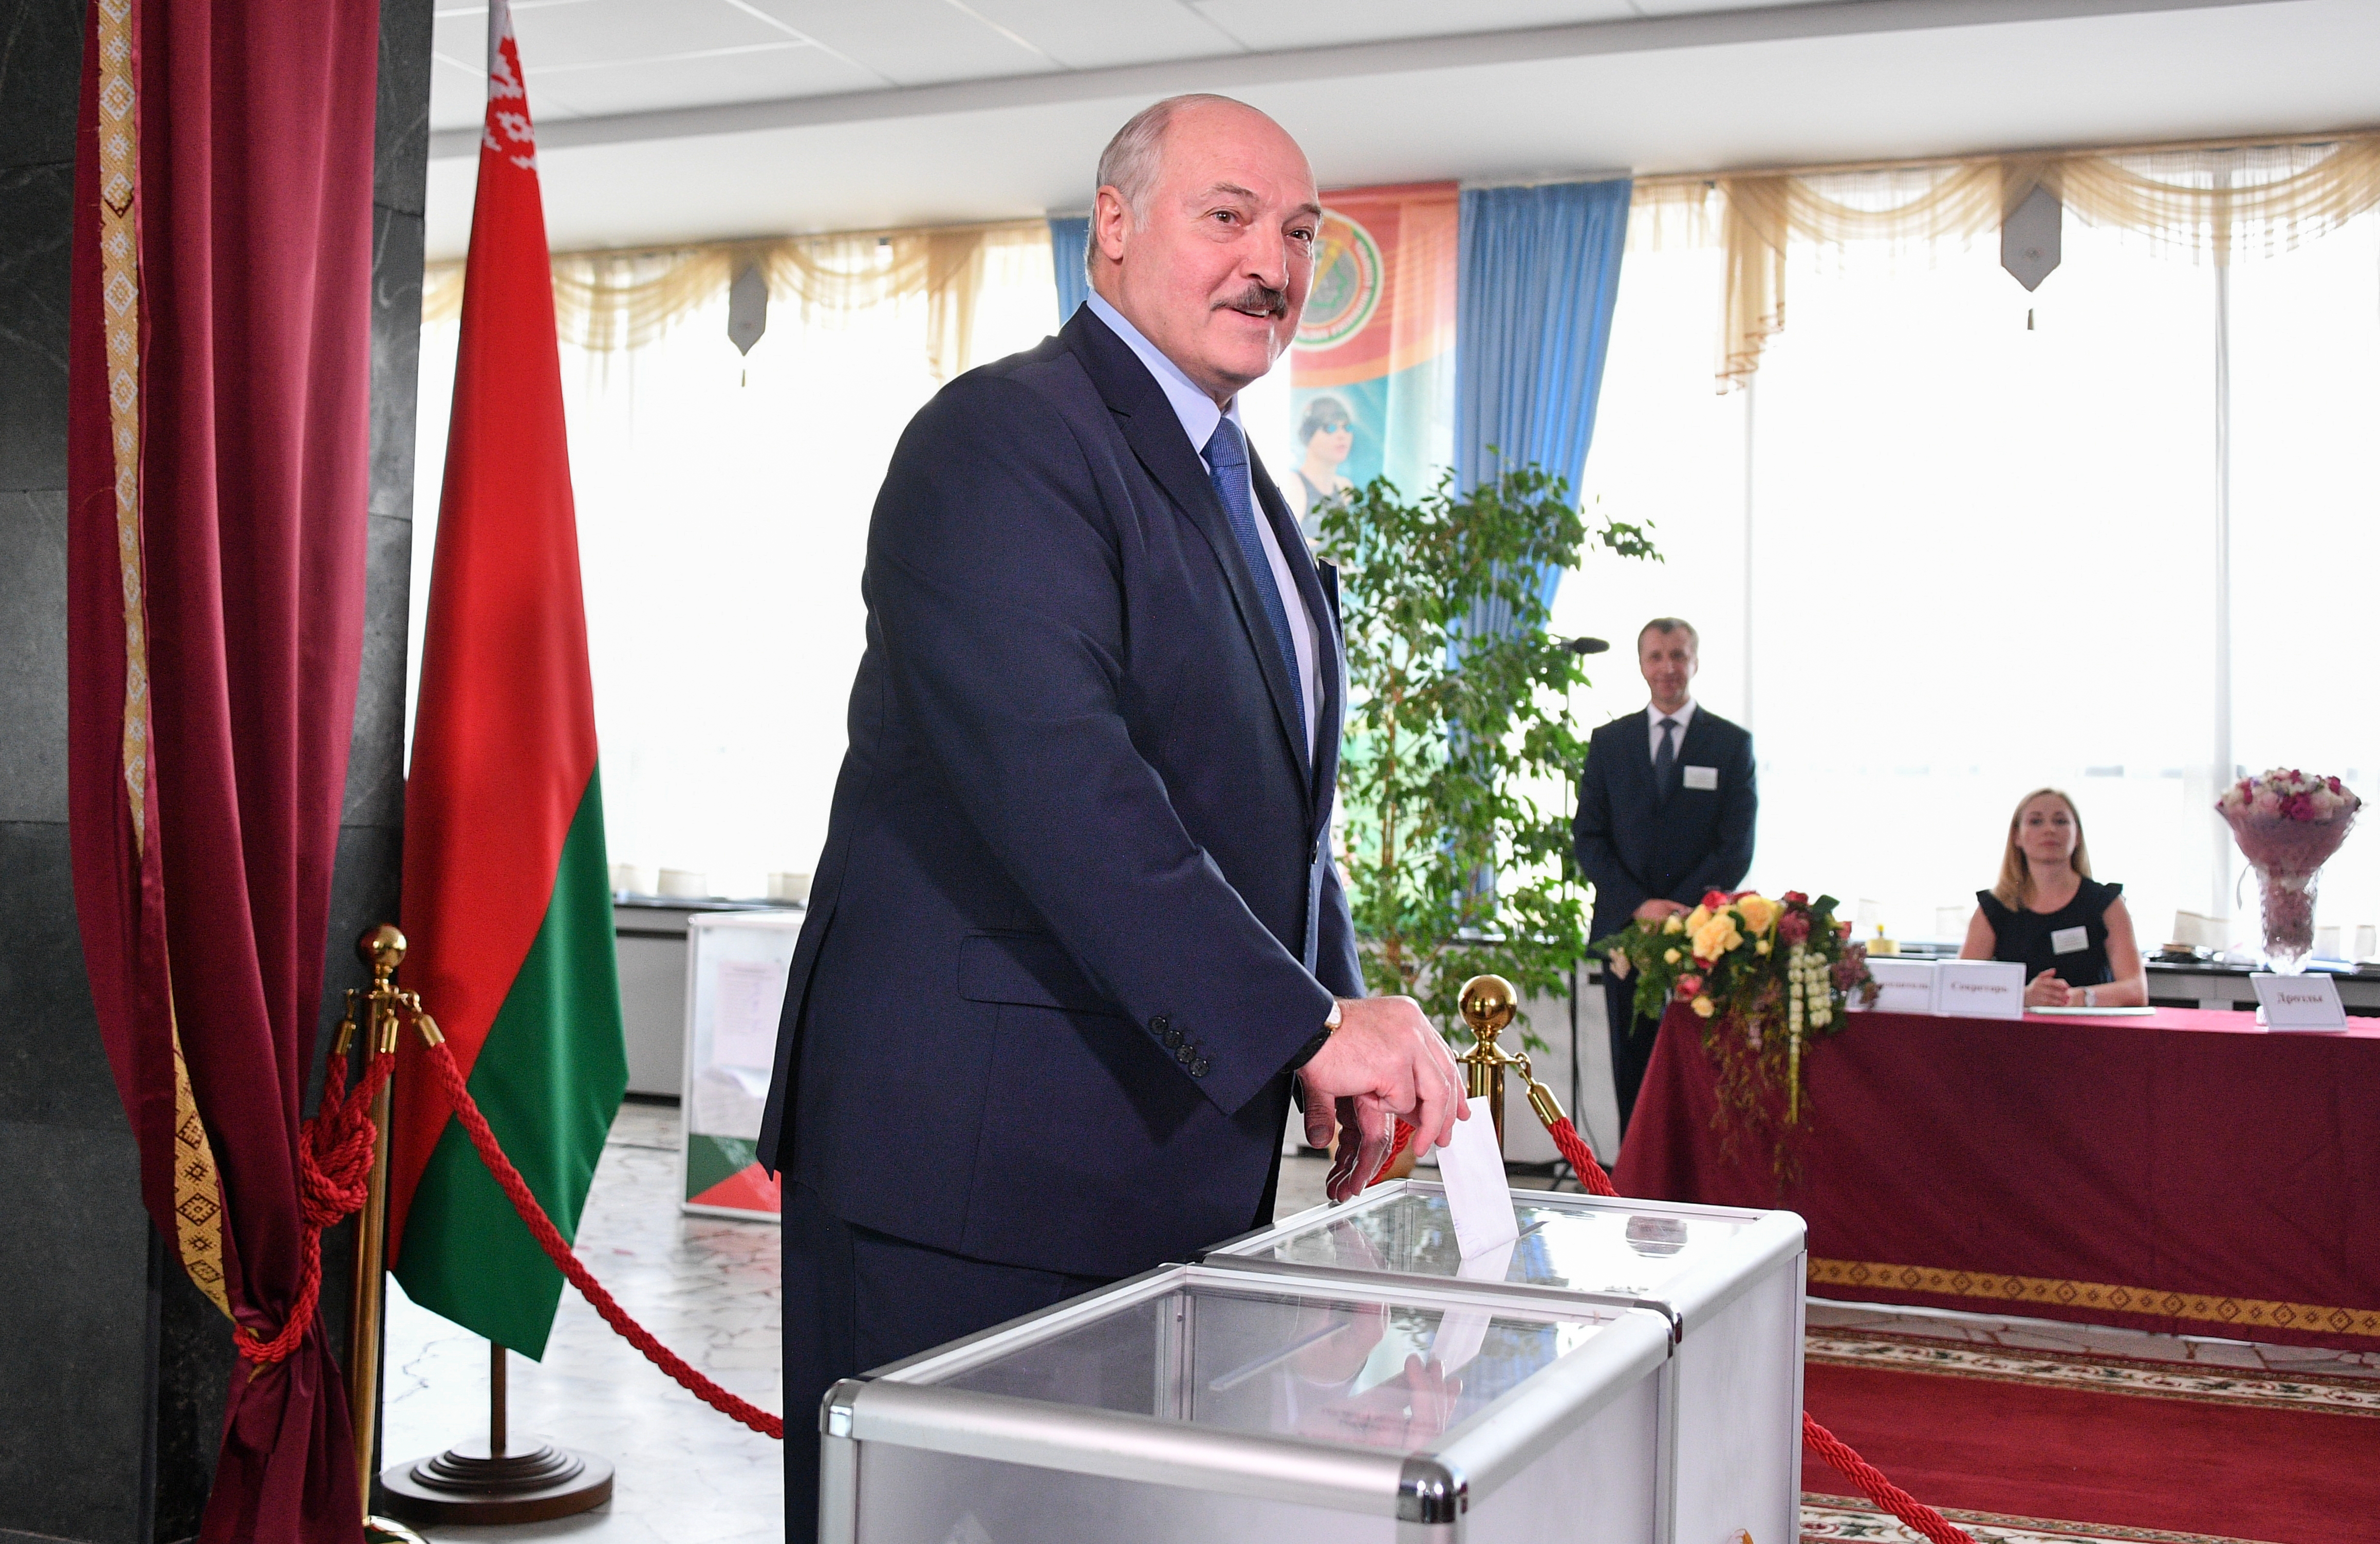 Németország szerint számos jele van annak, hogy elcsalták a fehérorosz választást